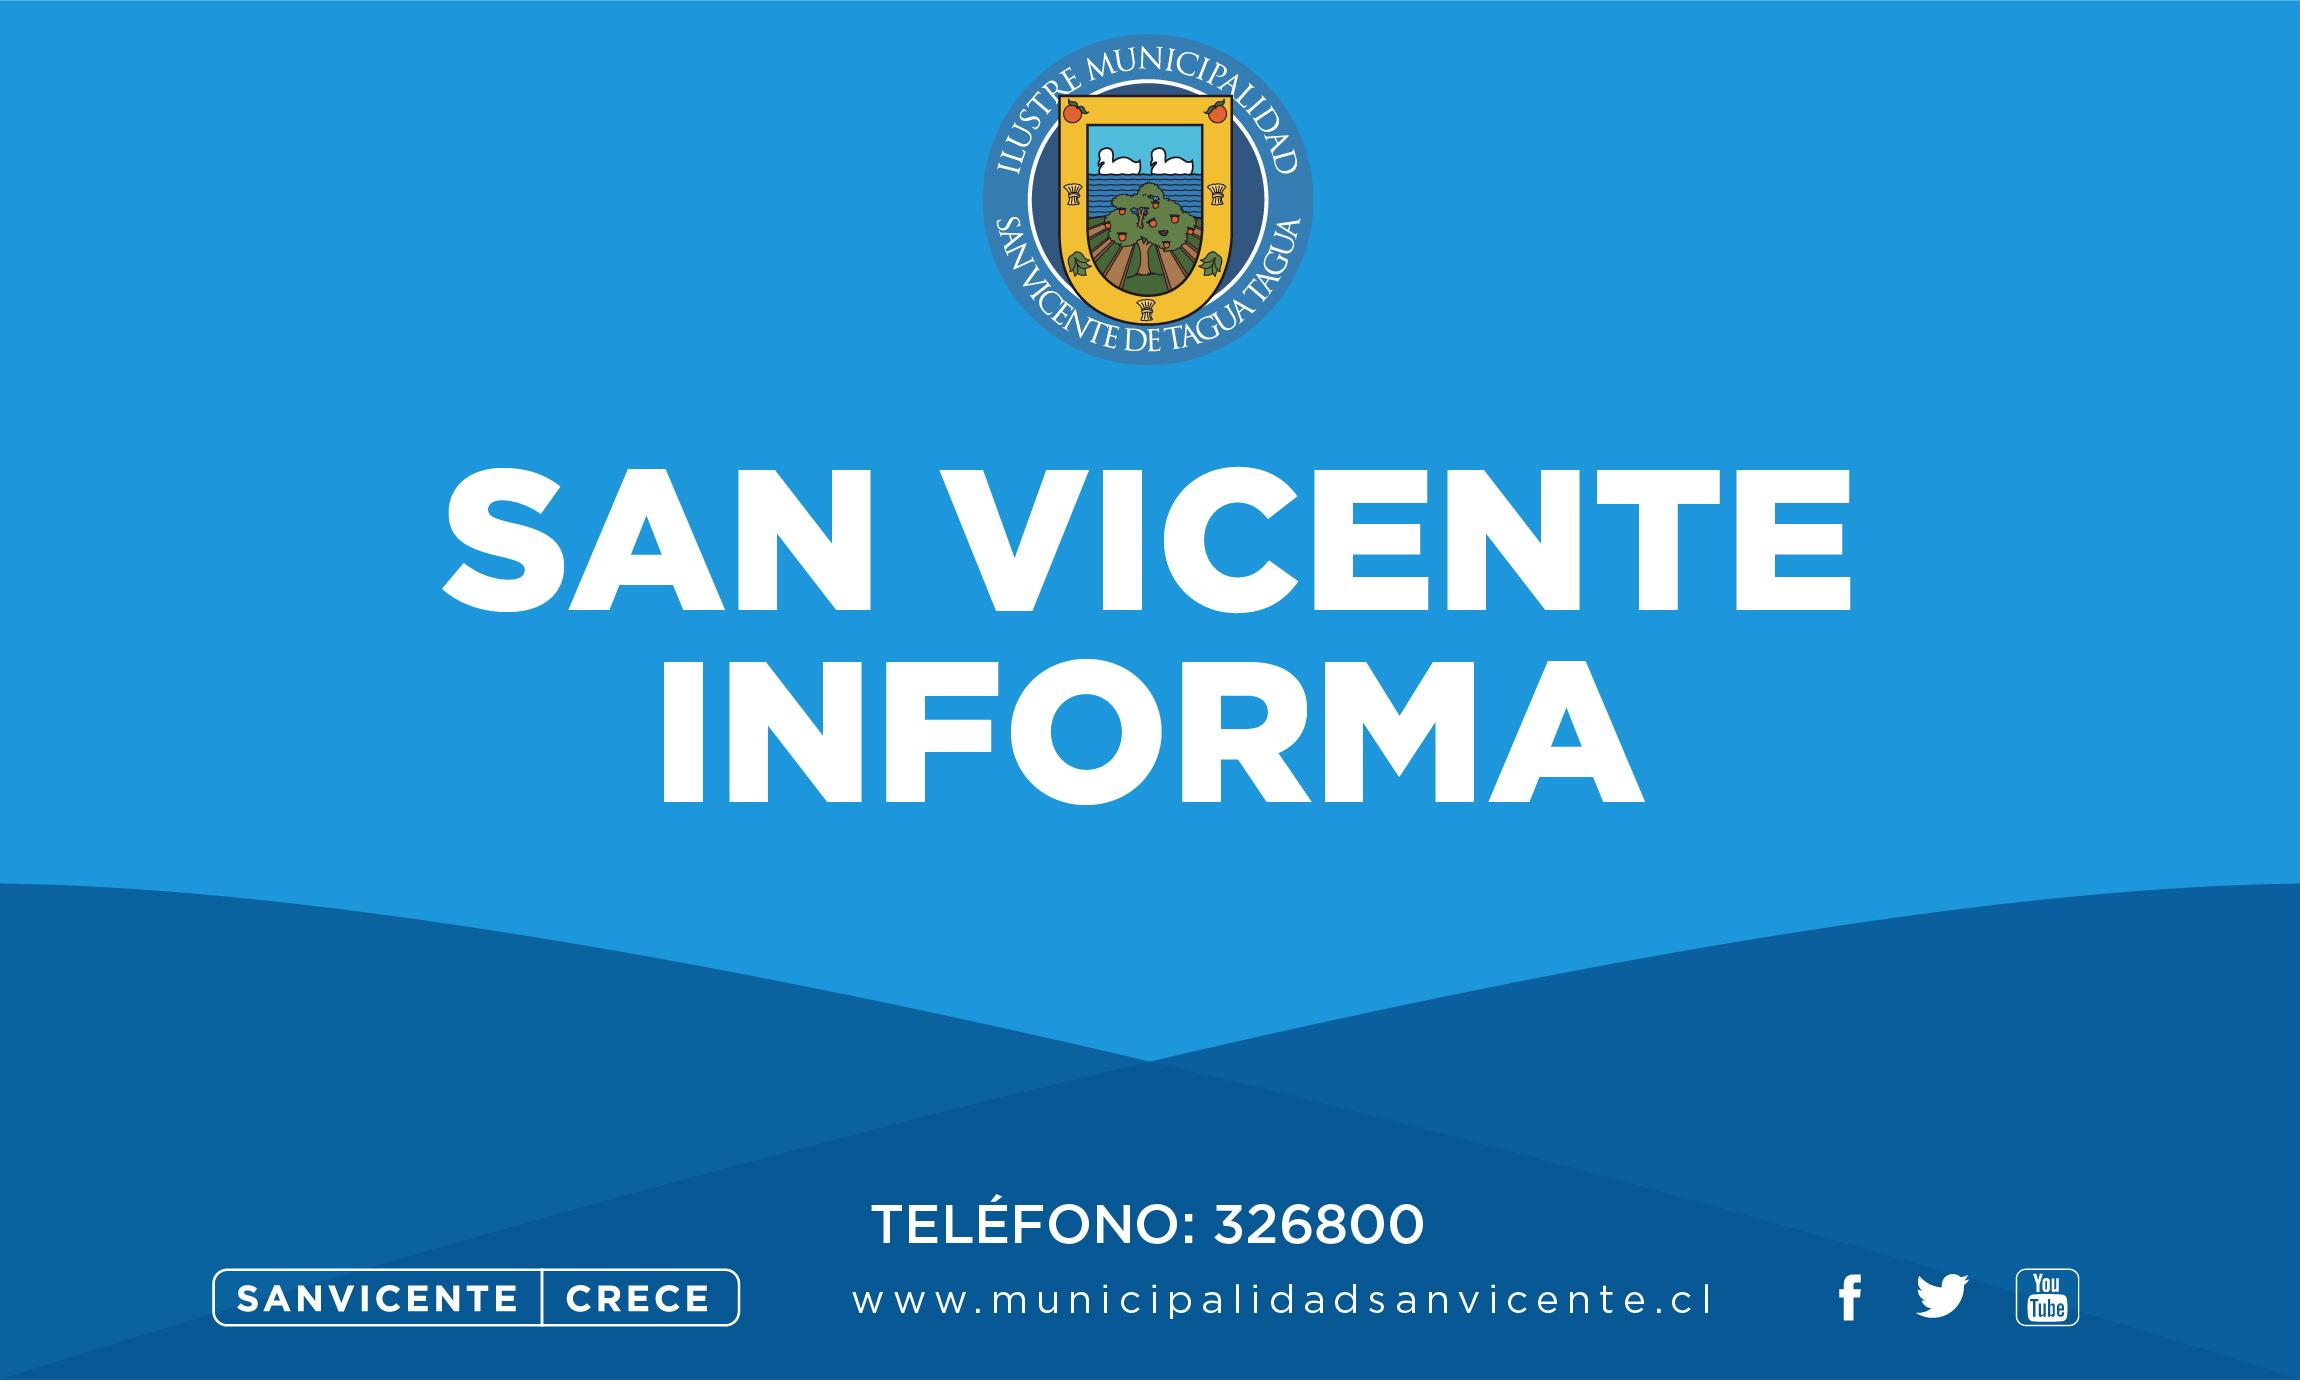 ATENCIÓN | CORTE DE SUMINISTRO DE AGUA POTABLE EN SAN VICENTE